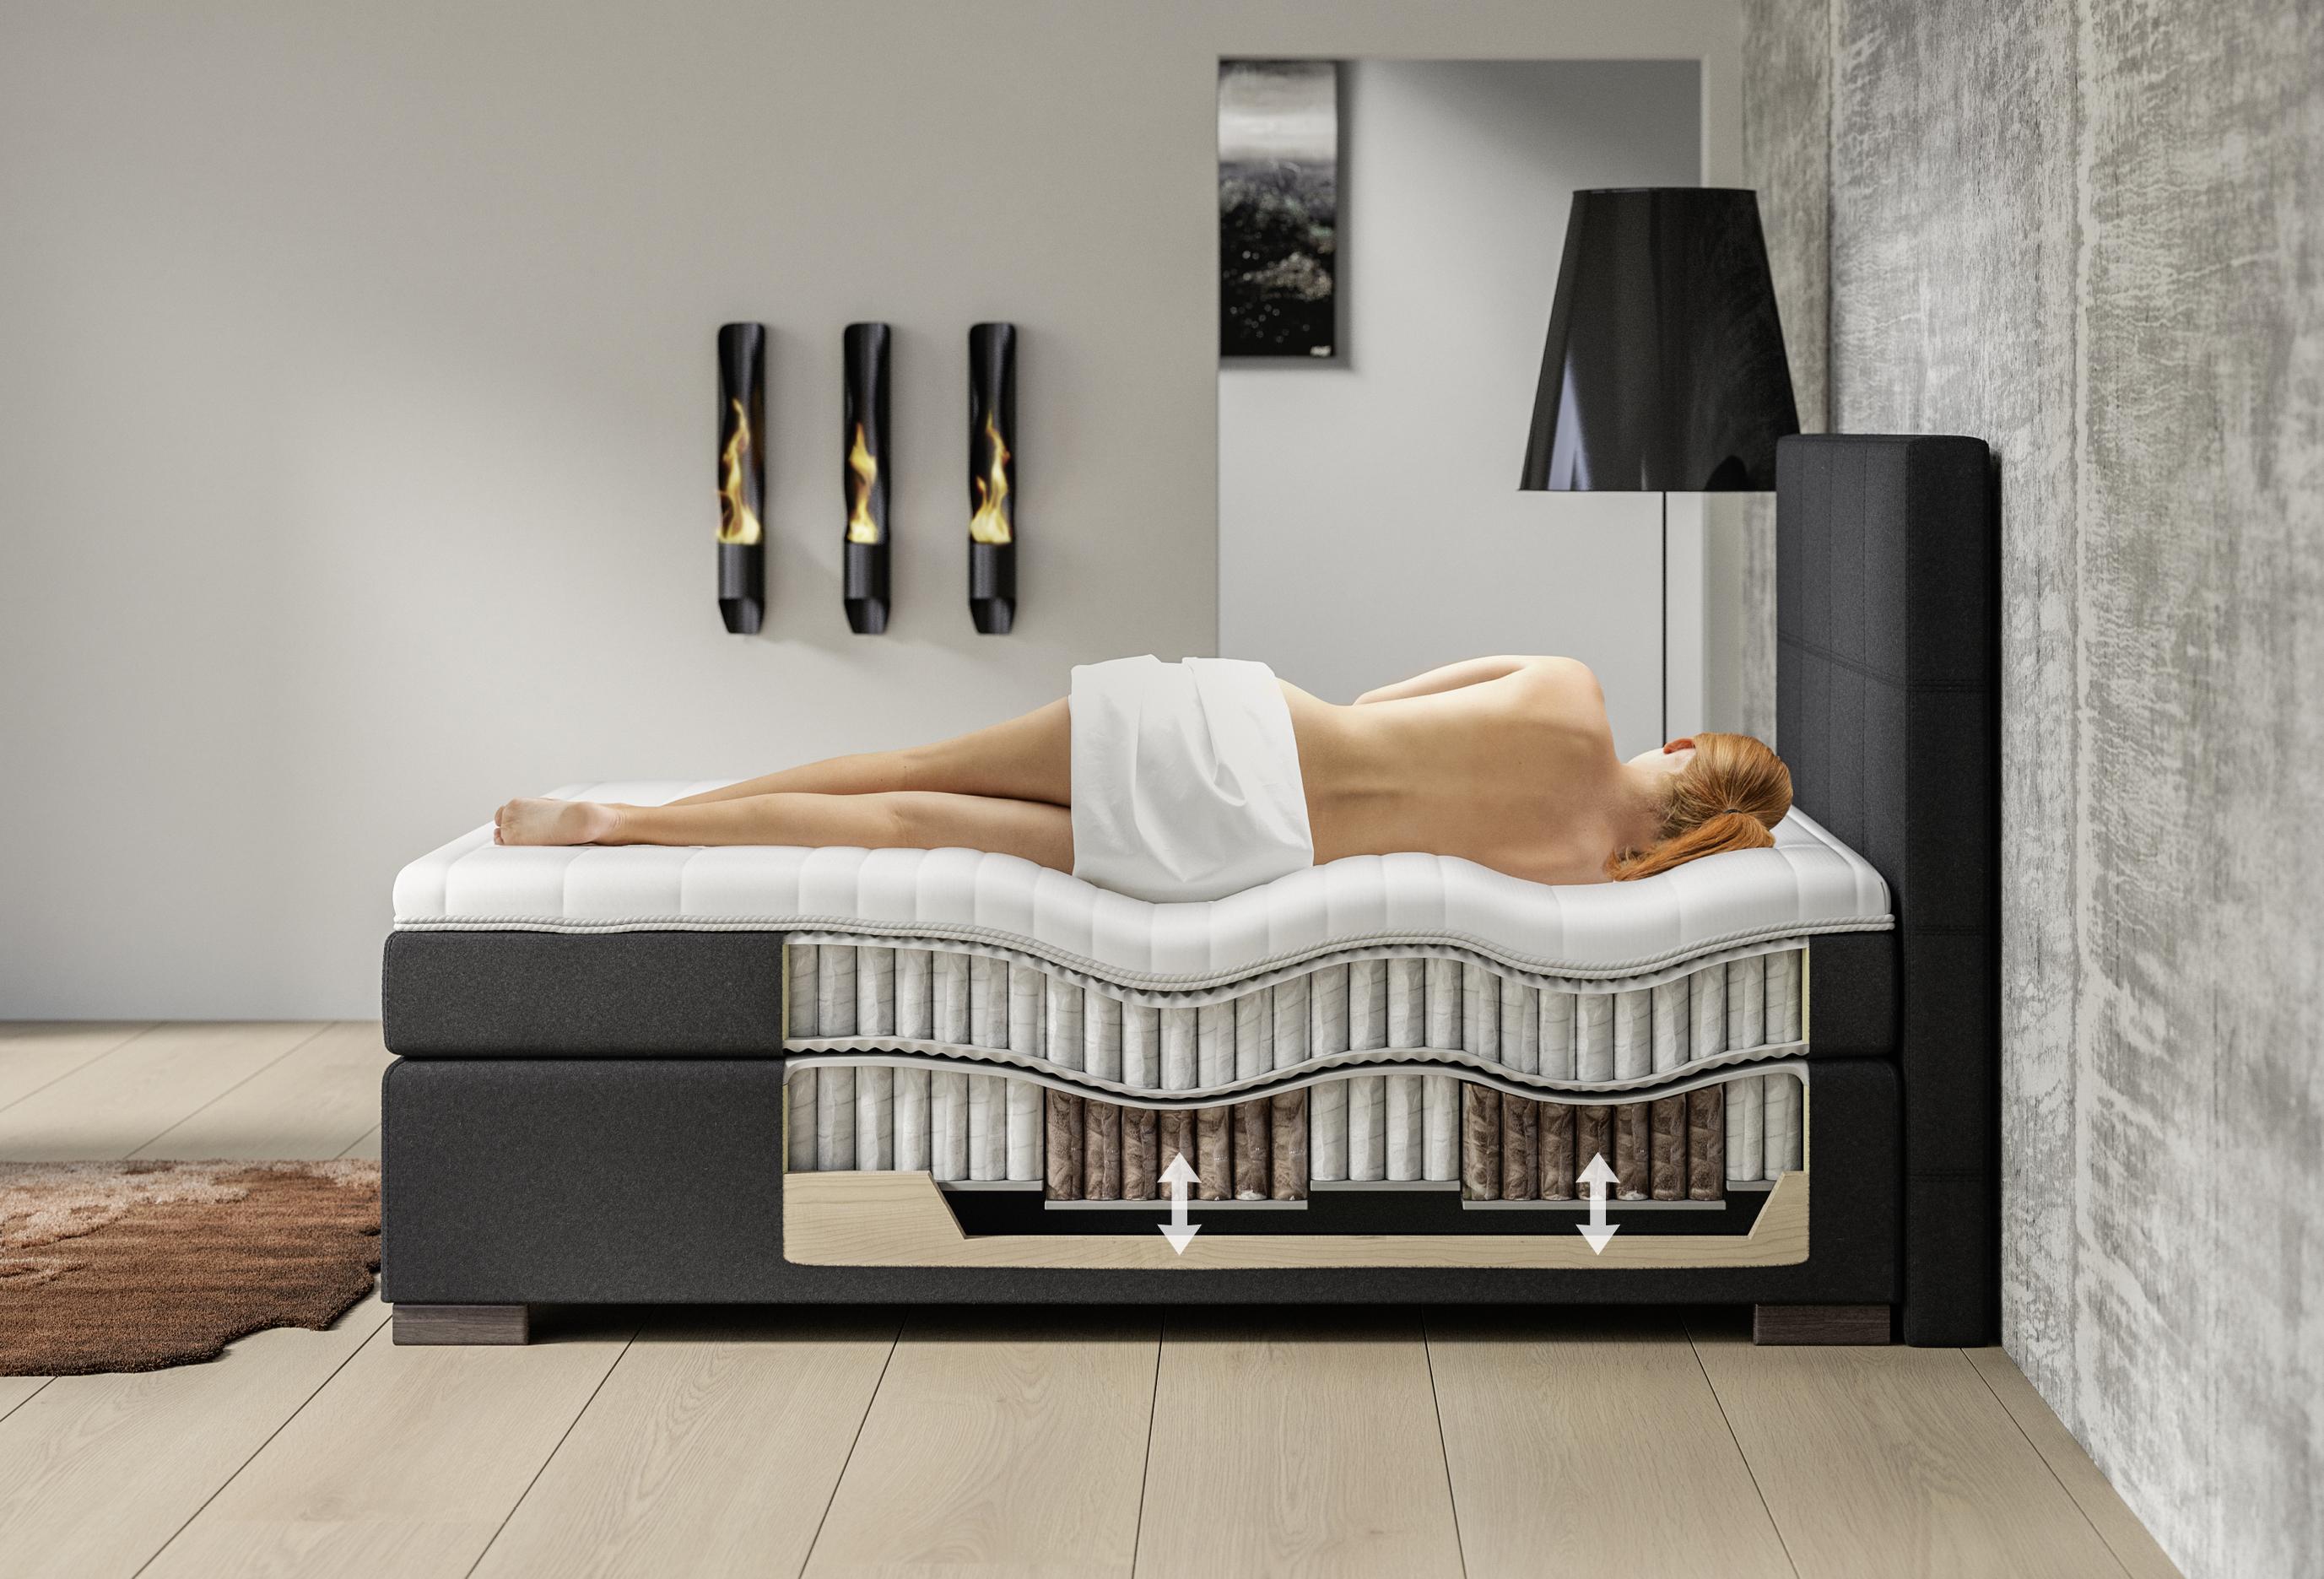 doc eos boxspring bett ergo mit einstellbarer schulter ges zone. Black Bedroom Furniture Sets. Home Design Ideas